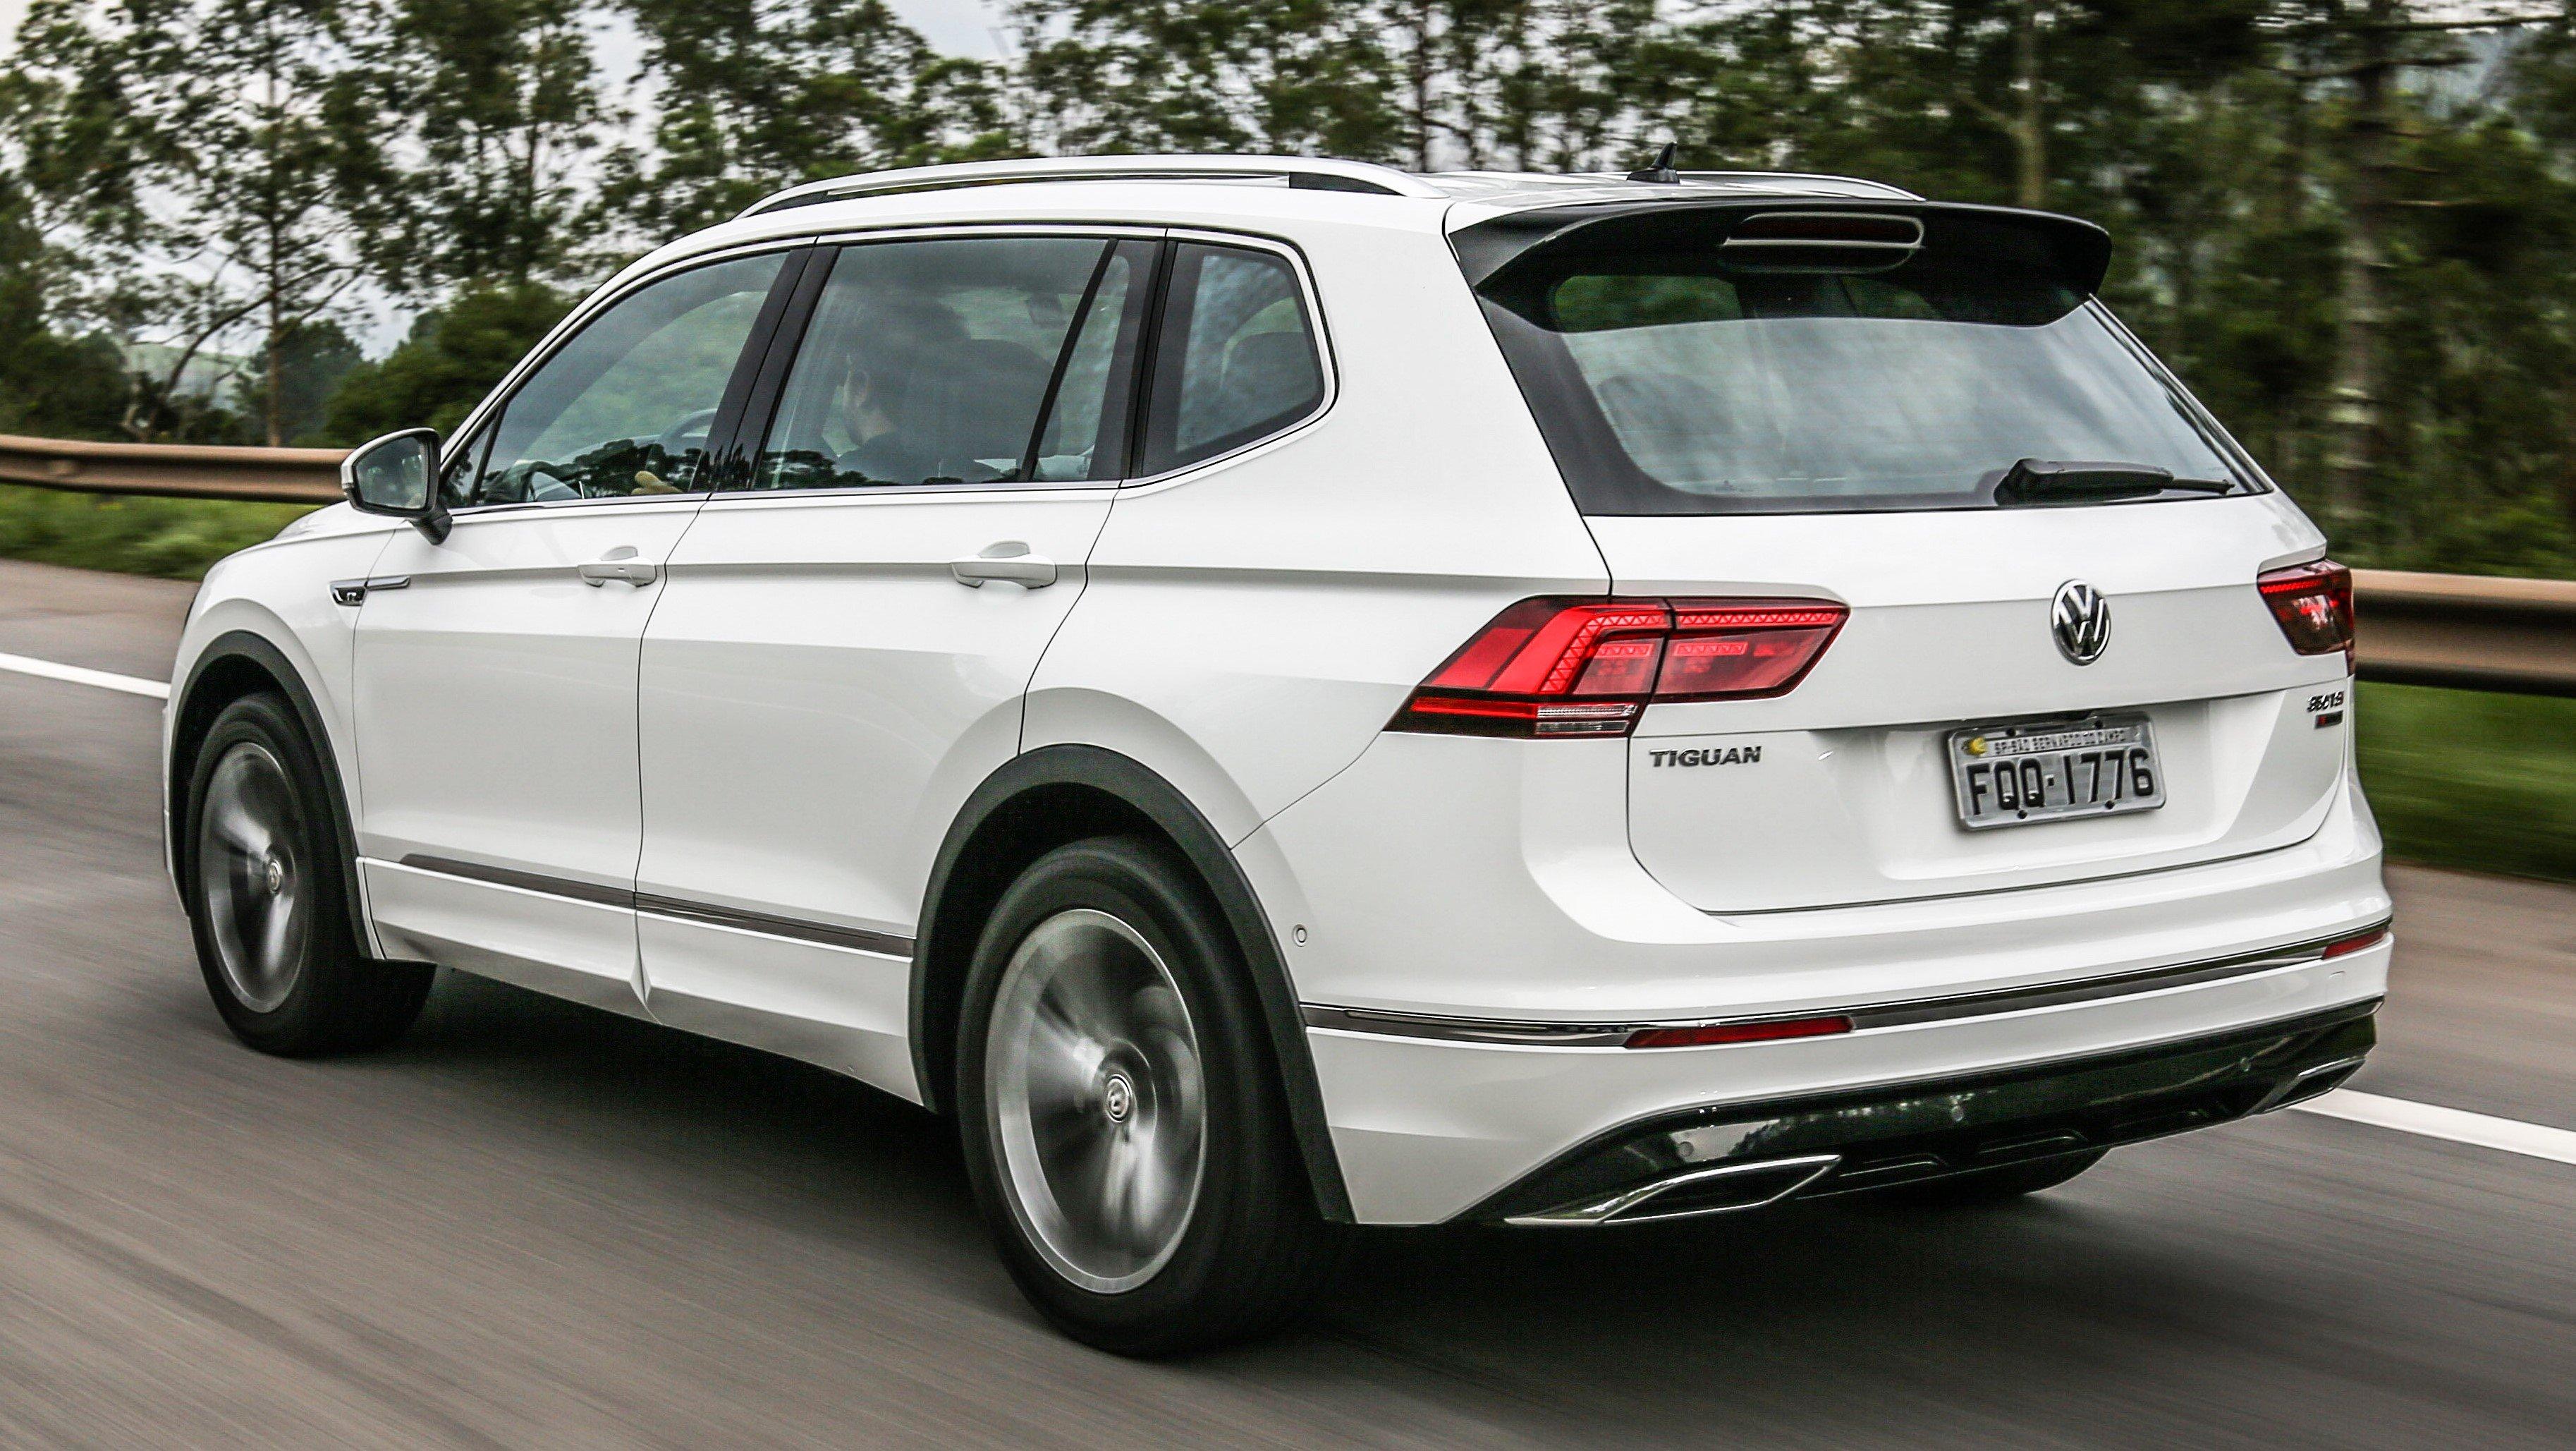 Volkswagen Tiguan Allspace E Amarok V6 Sao Eleitos Melhores Carros De Suas Categorias